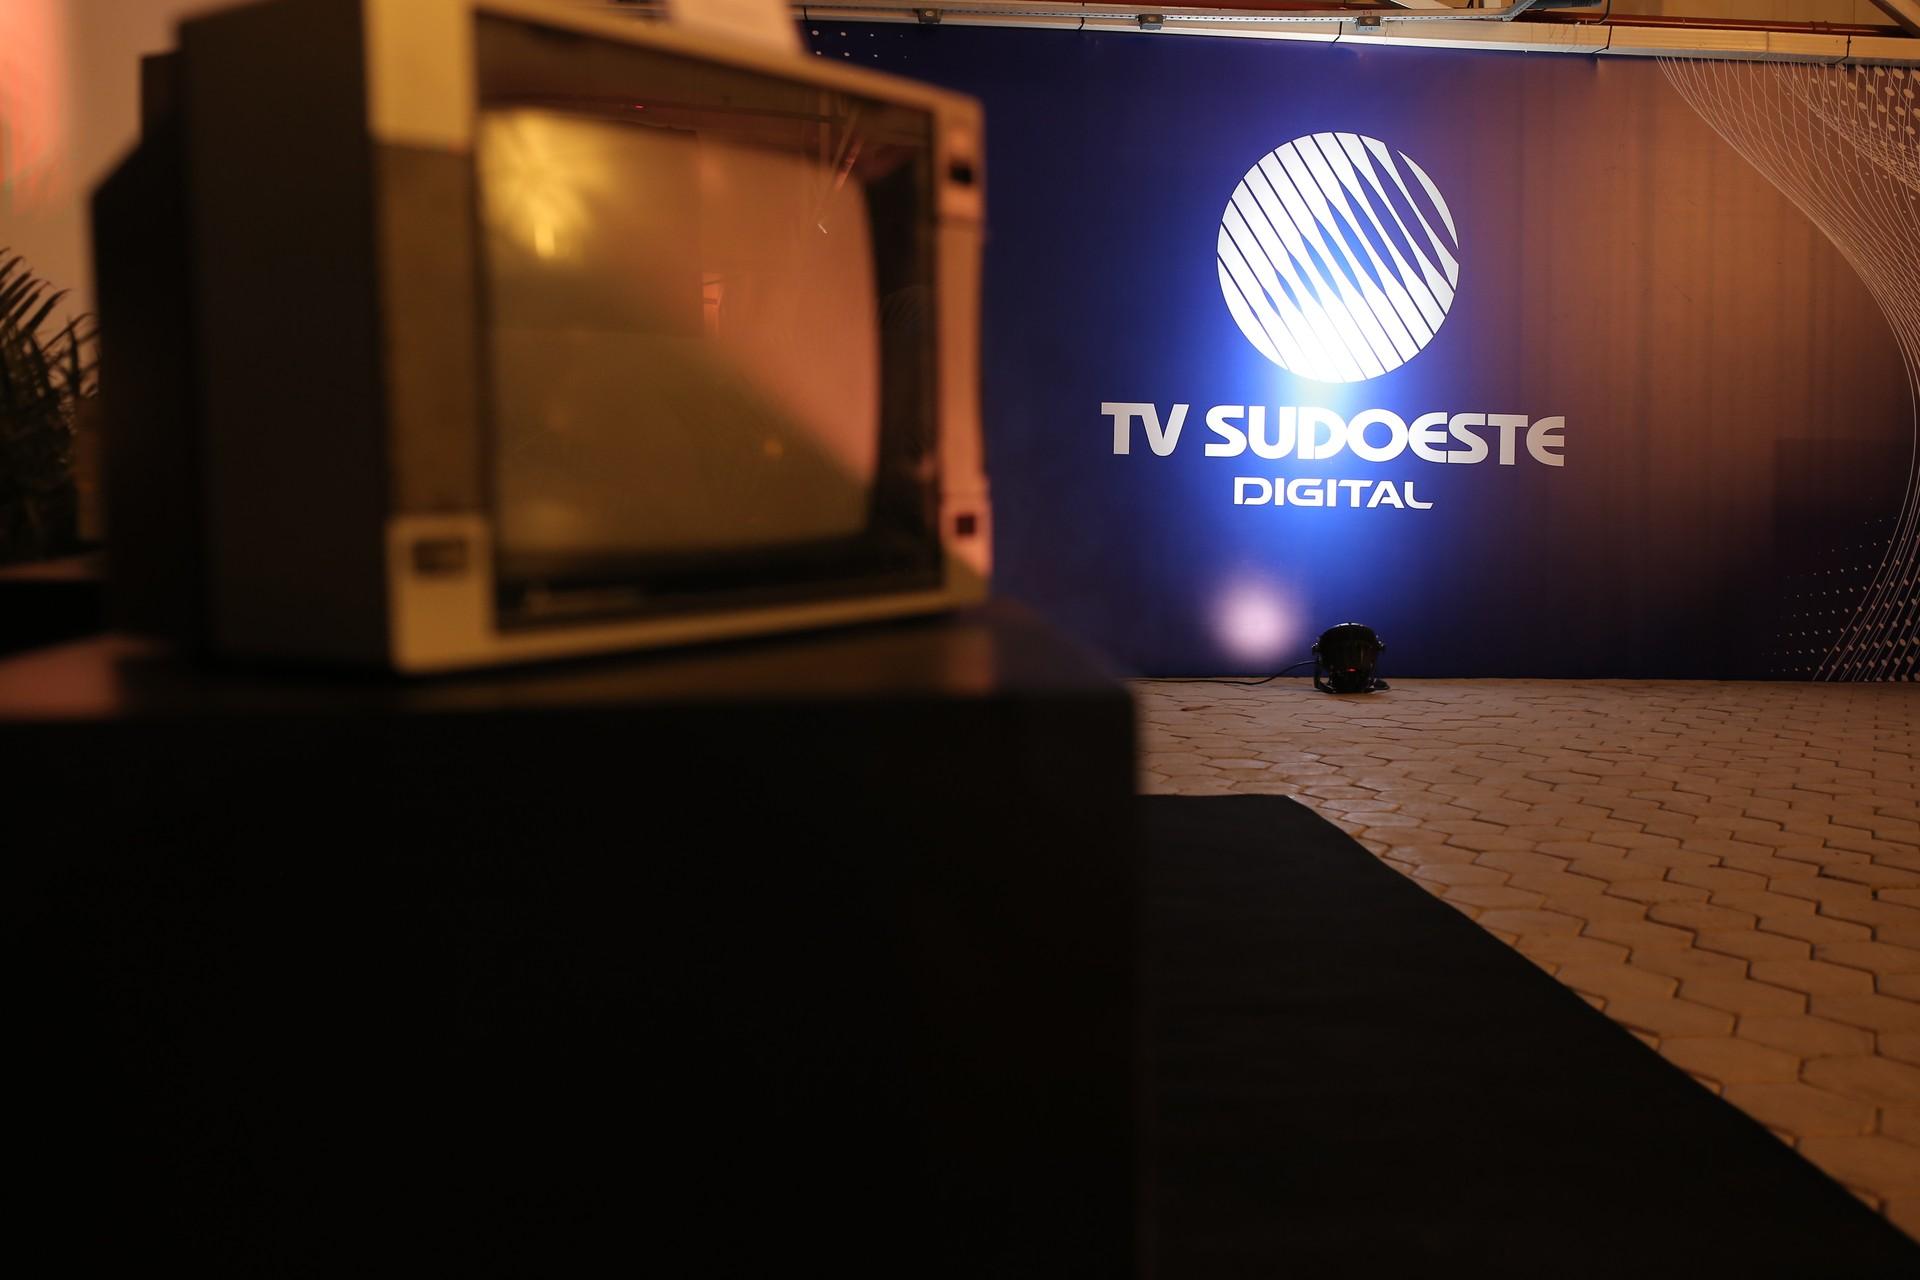 TV Sudoeste Digital (Foto: Laecio Lacerda)